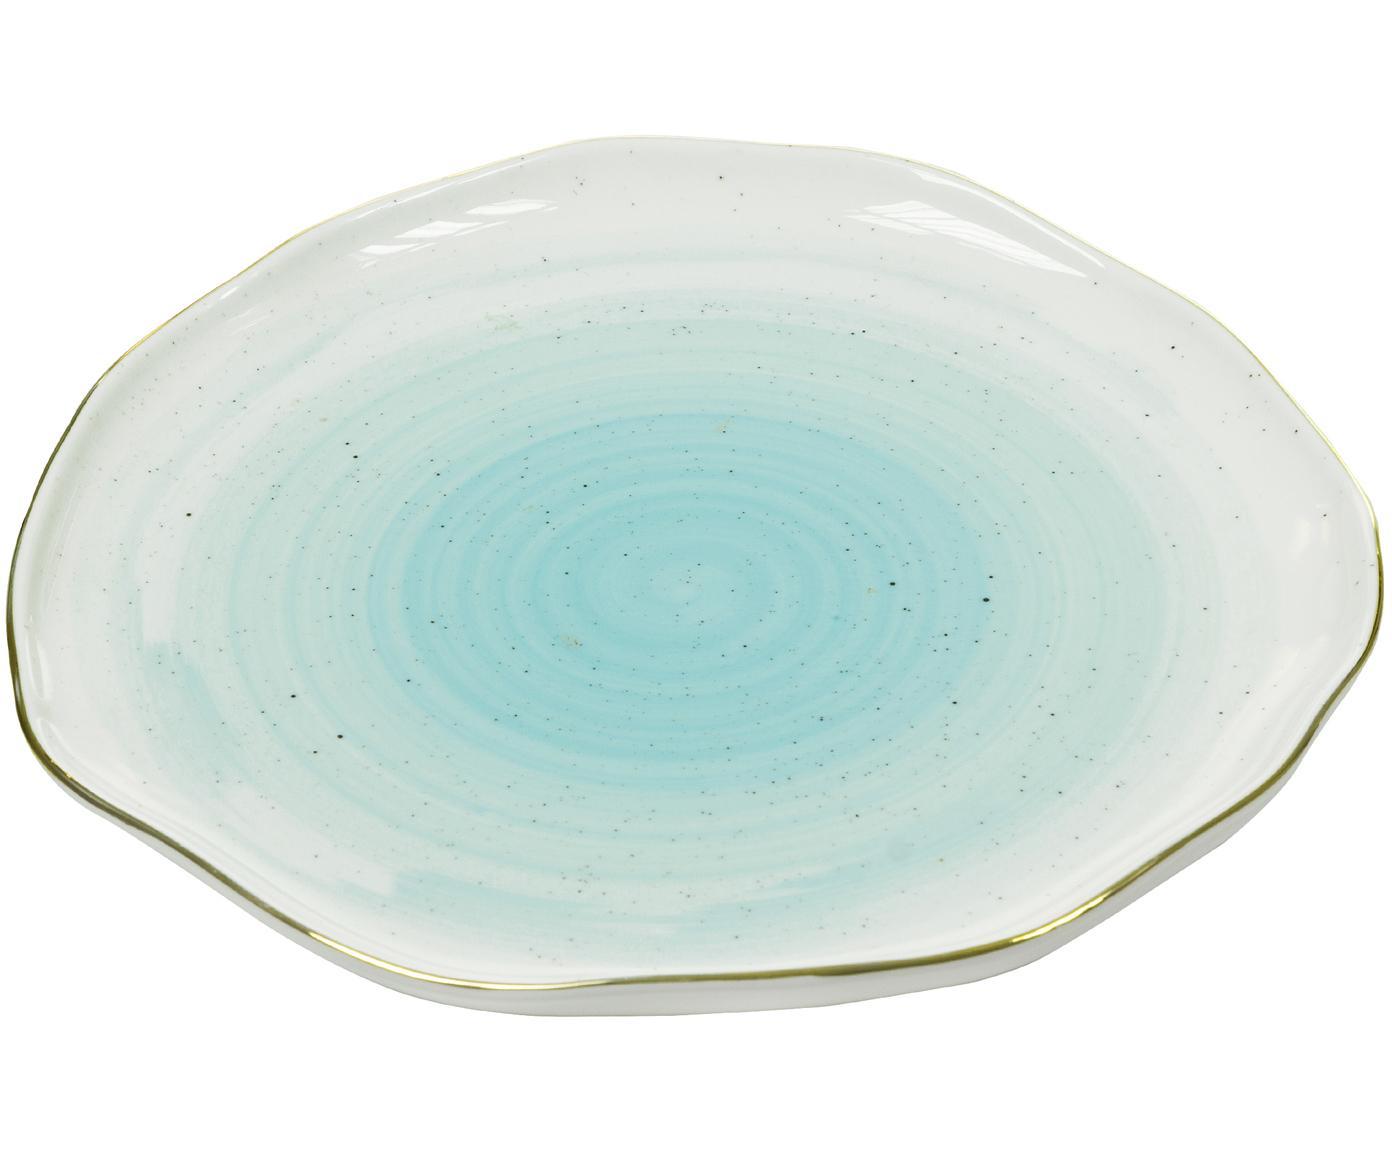 Piatto per il pane fatto a mano Bol, Porcellana, Turchese blu, Ø 16 cm